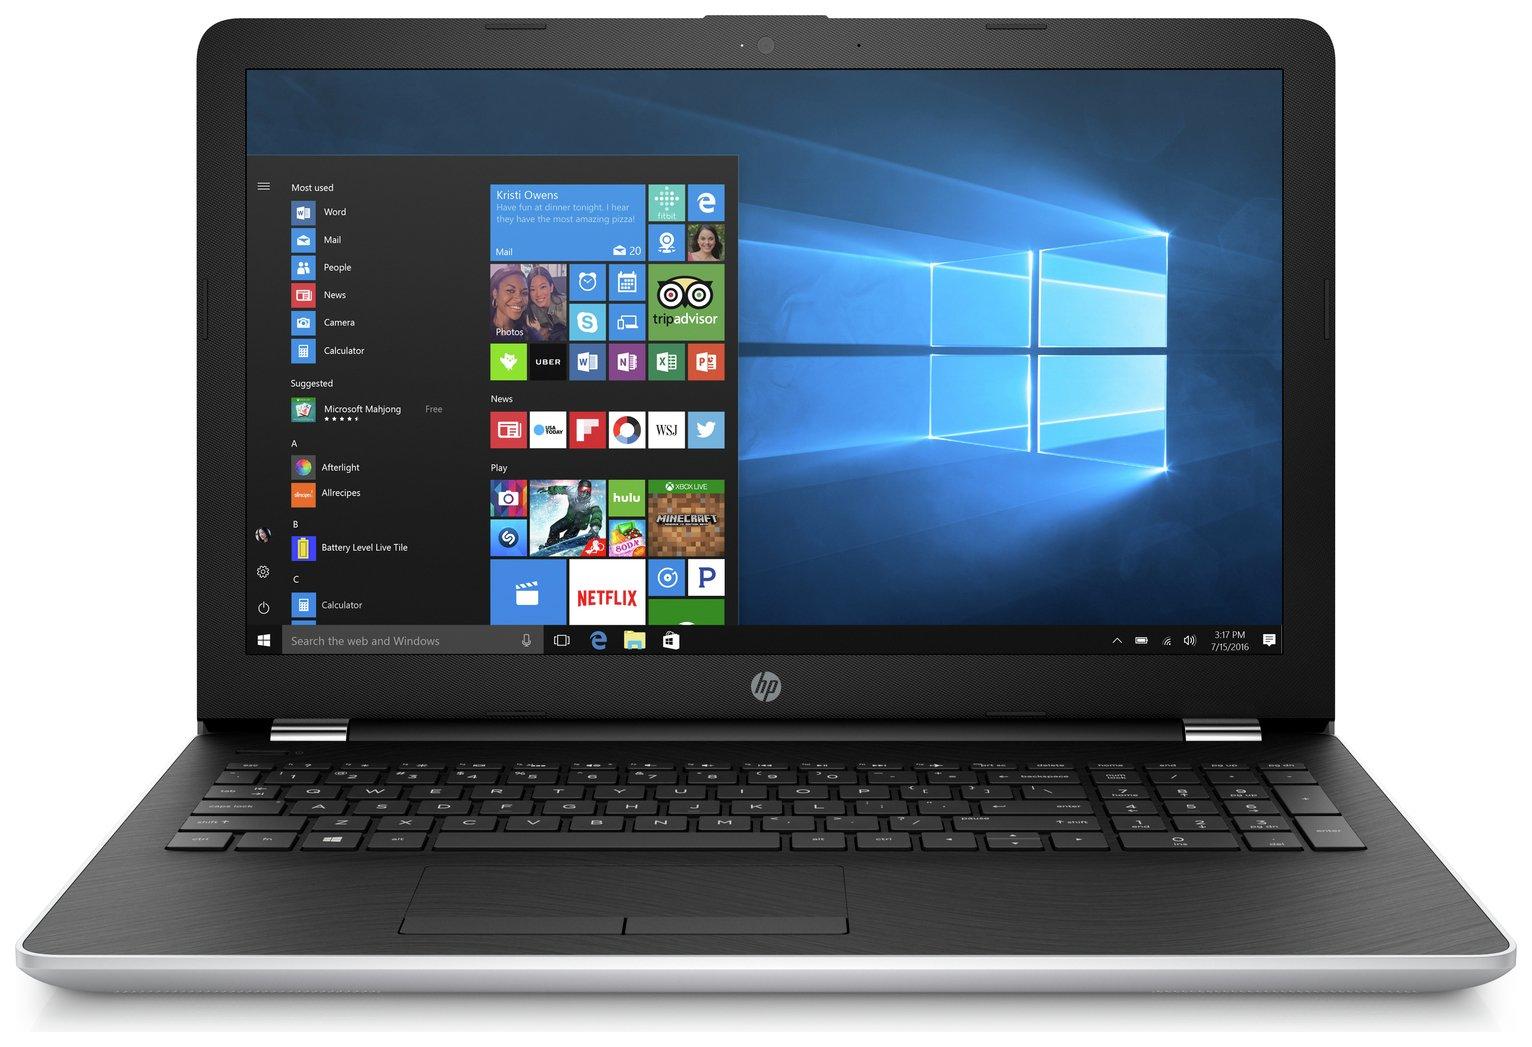 HP 15.6 Inch Intel i7 8GB 2TB Laptop - Silver